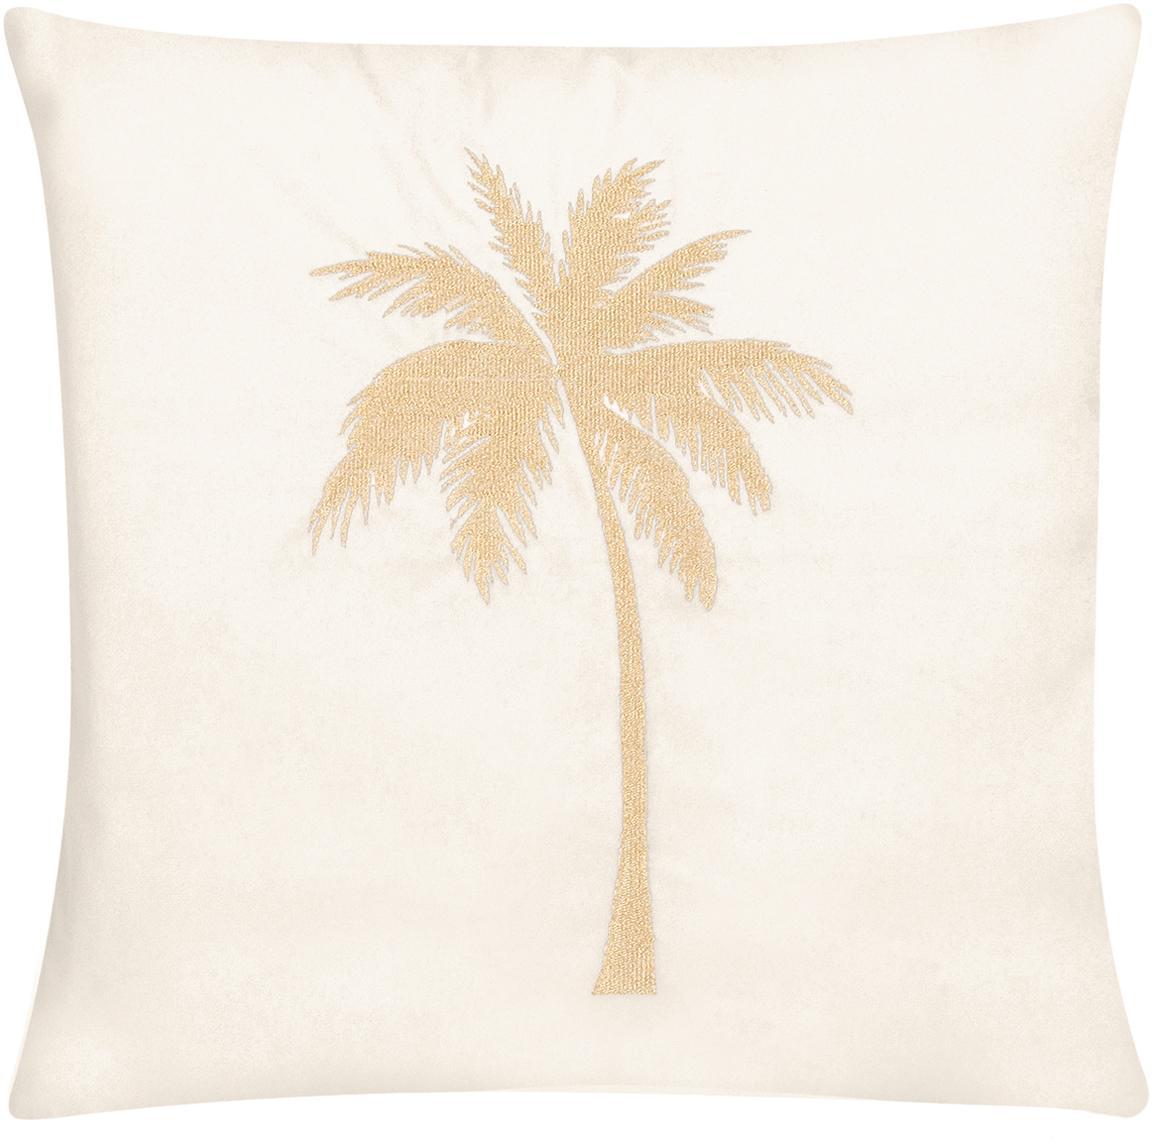 Federa arredo in velluto lucido Palmsprings, Velluto di poliestere, Bianco crema, dorato, Larg. 40 x Lung. 40 cm